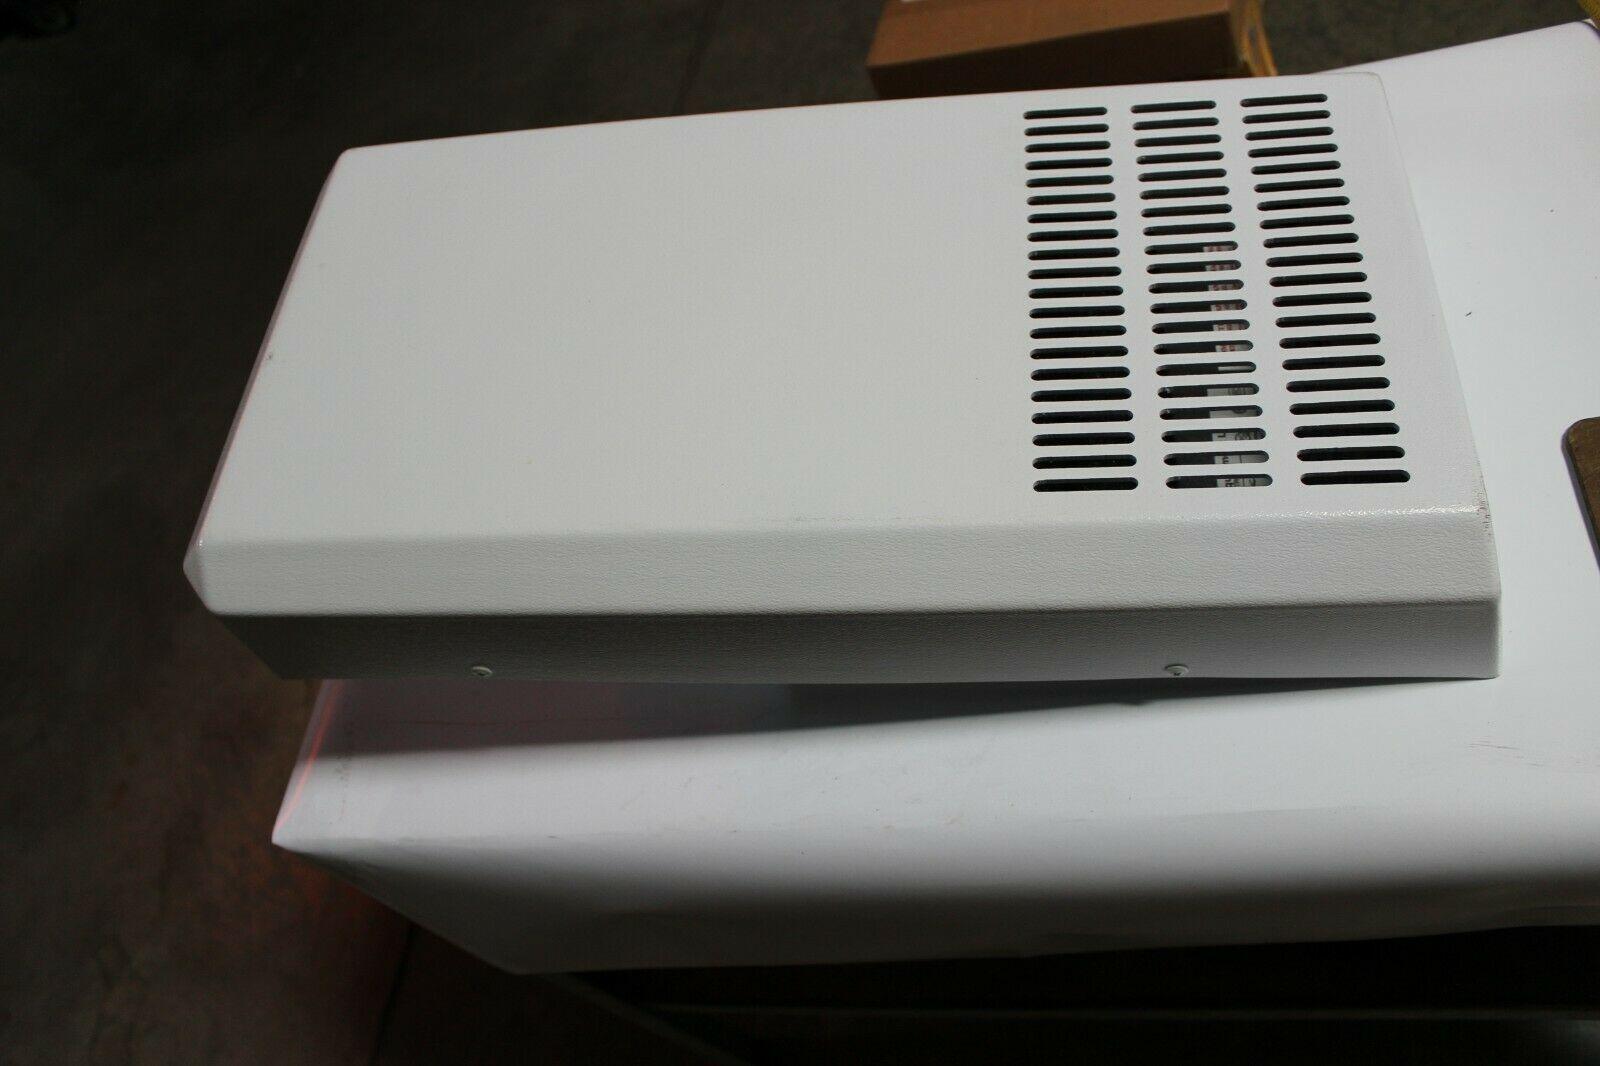 Air-tech APT-120TPHC Dehumidifier New